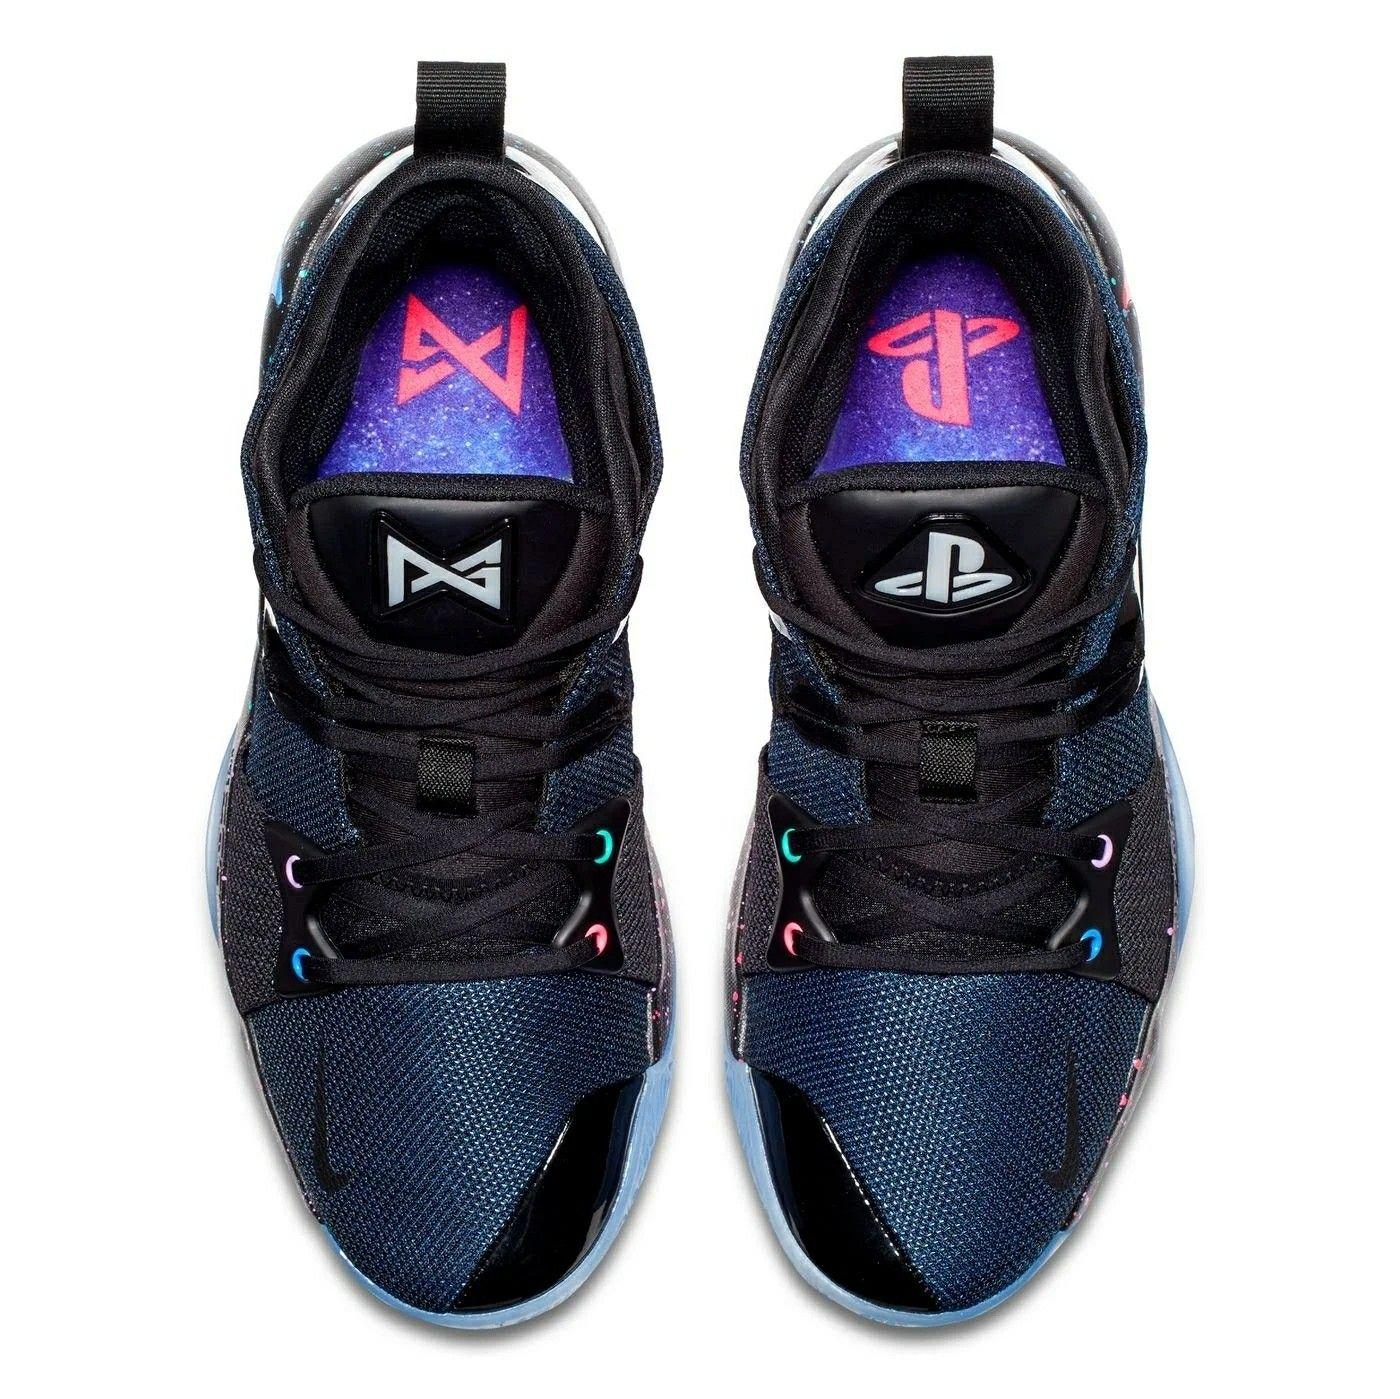 2761c77672a Pin by Trey P on Footwear FRENZY!